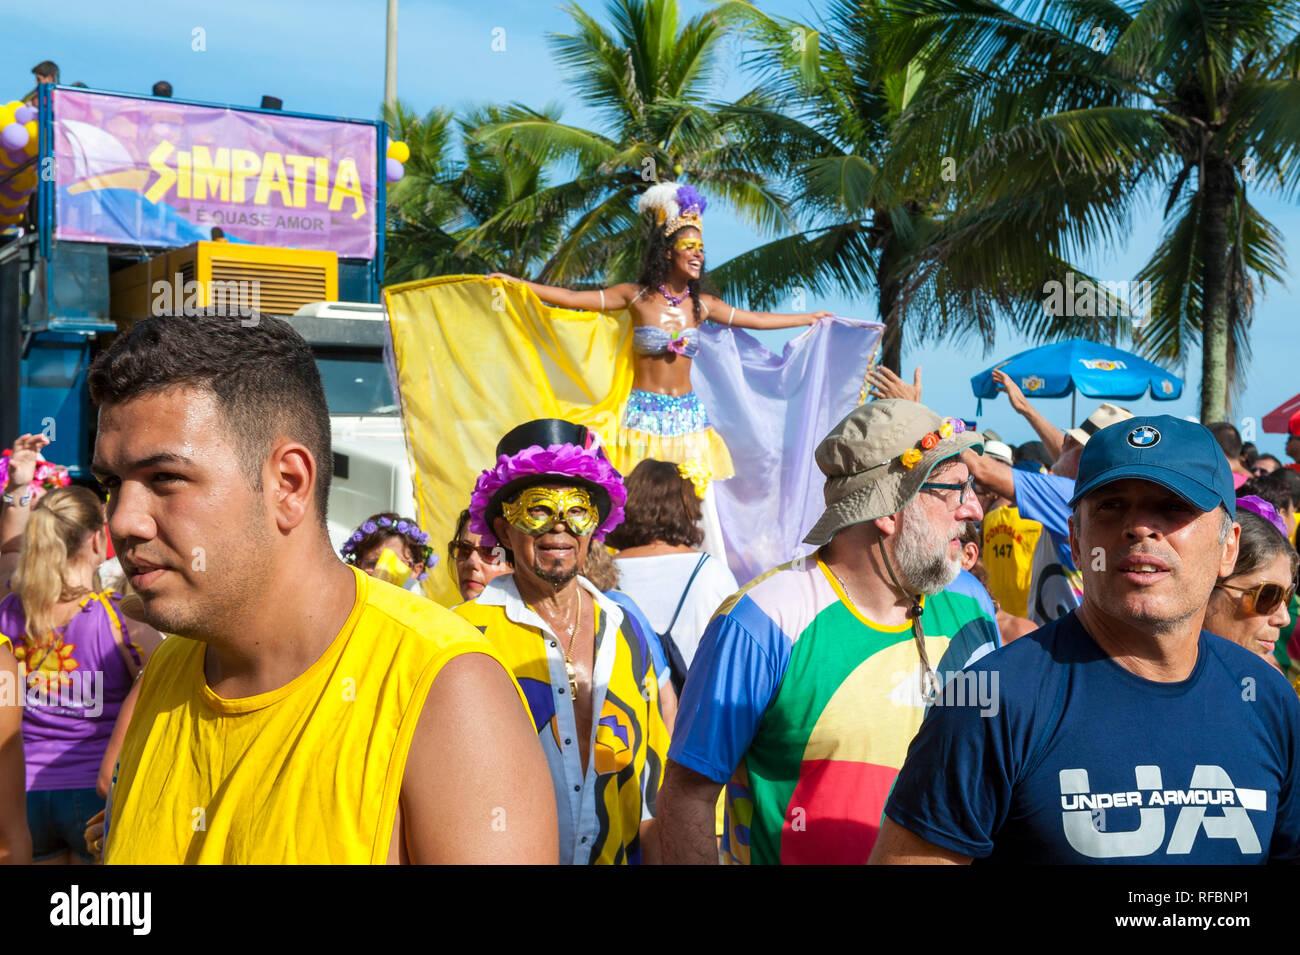 RIO DE JANEIRO - Febrero 07, 2015: los brasileños en coloridos trajes de carnaval dan empellones delante de un camión de altavoces música sonando en un bloco fiesta en la calle. Imagen De Stock